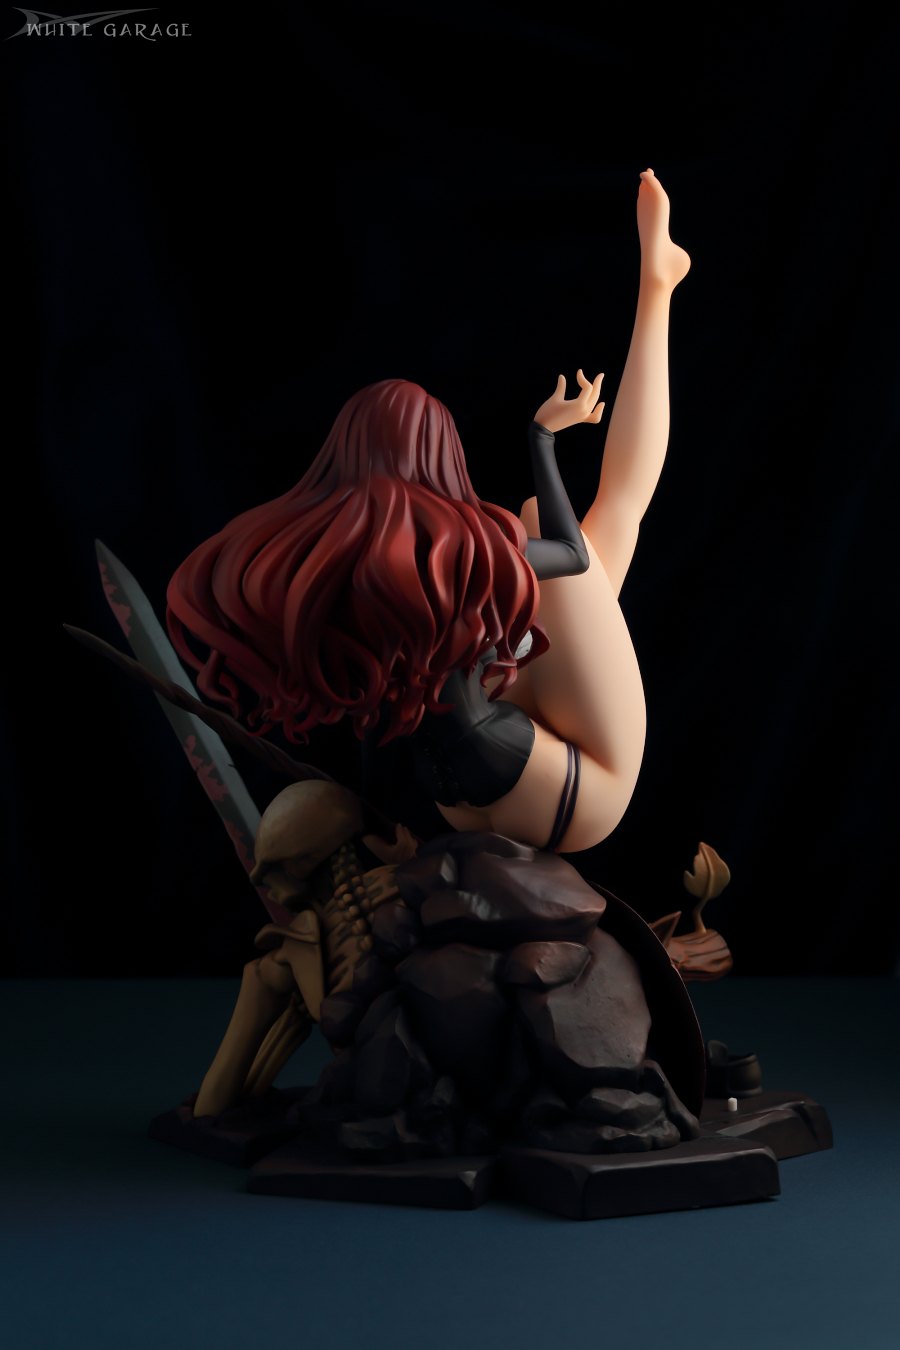 sorceress201